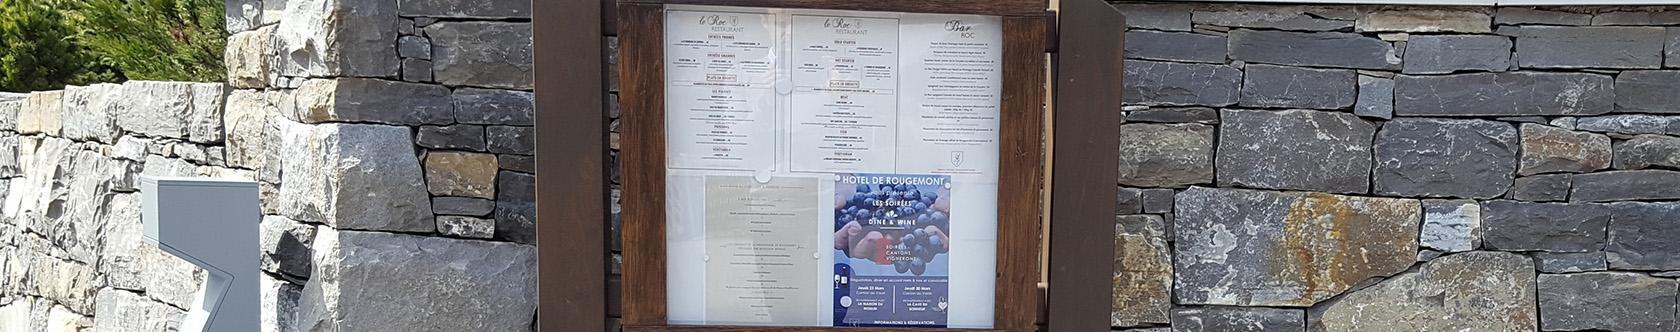 Panneau d'affichage restaurant Rougemont